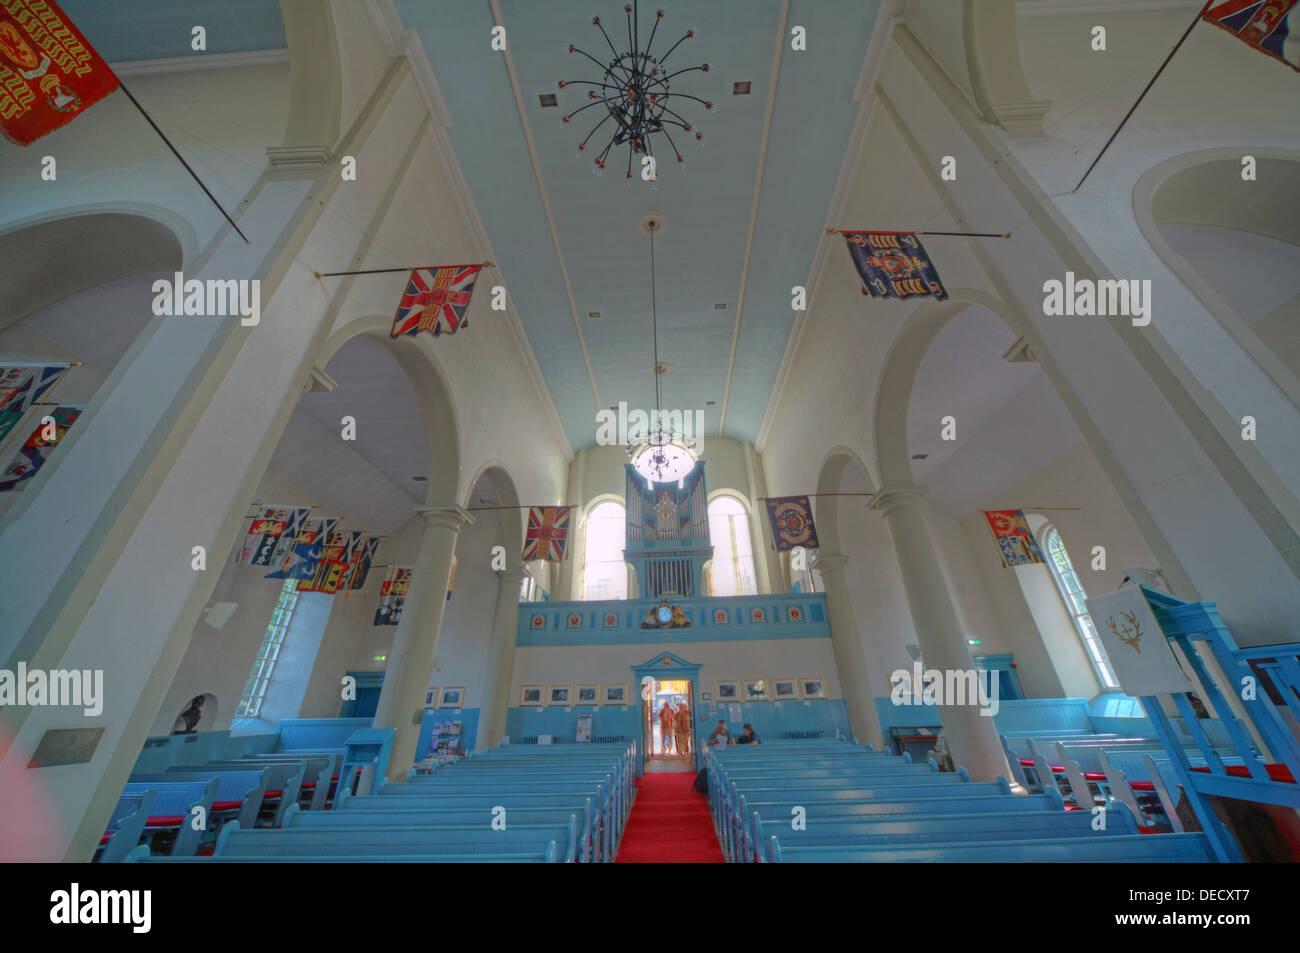 Laden Sie dieses Alamy Stockfoto Canongate Kirk Kirche Edinburgh Royal Mile, Schottland, UK Interior Weitwinkeleinstellung - DECXT7